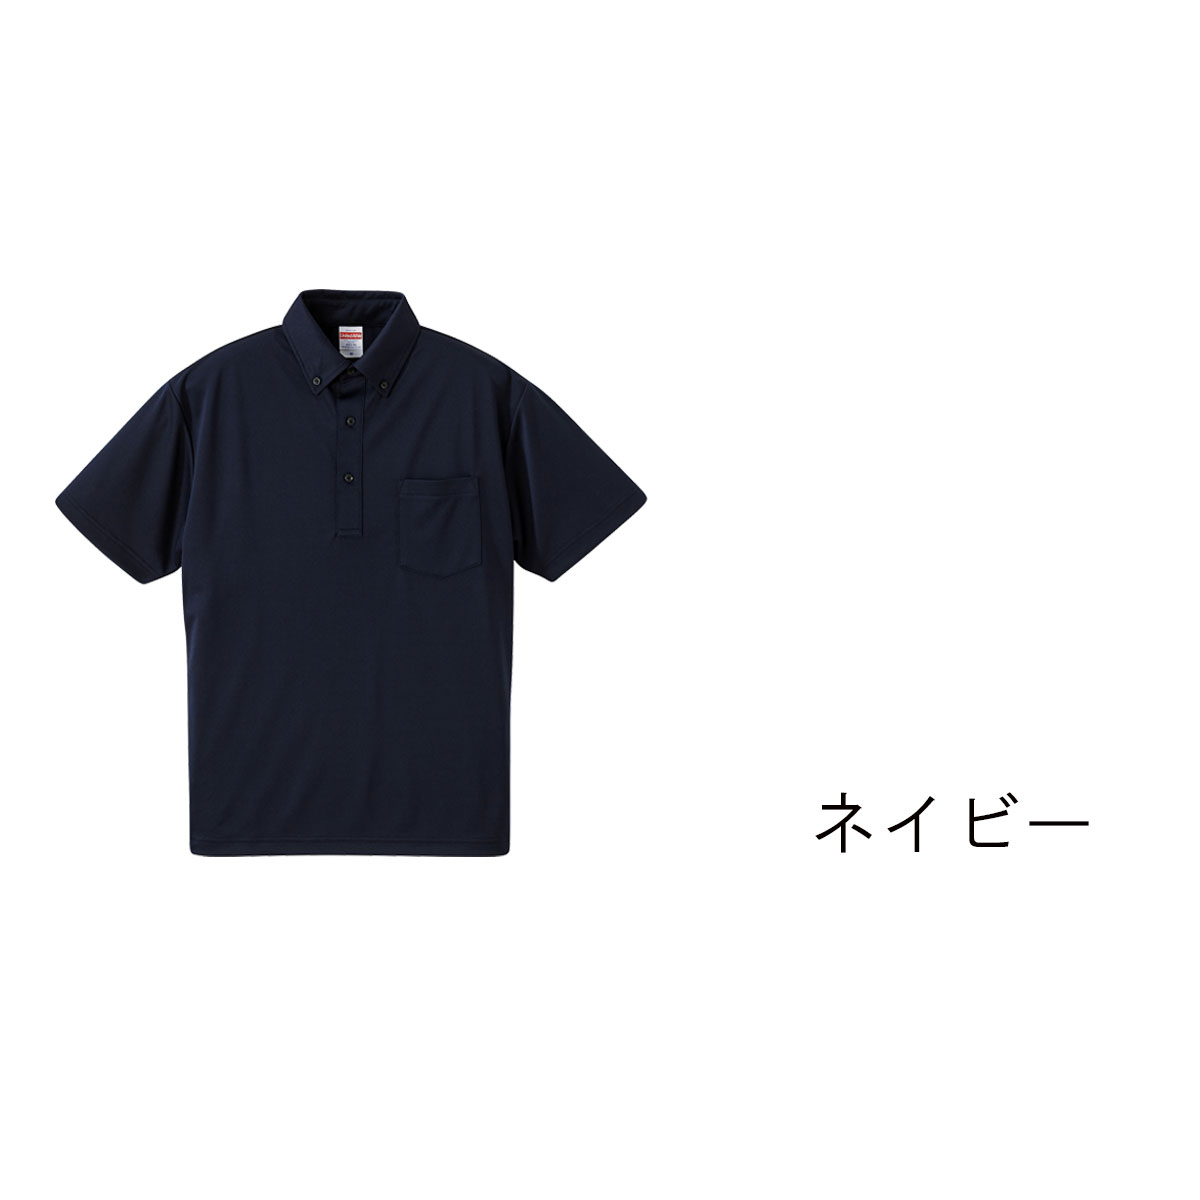 ドライアスレチック ボタンダウンポロシャツ ポケット付